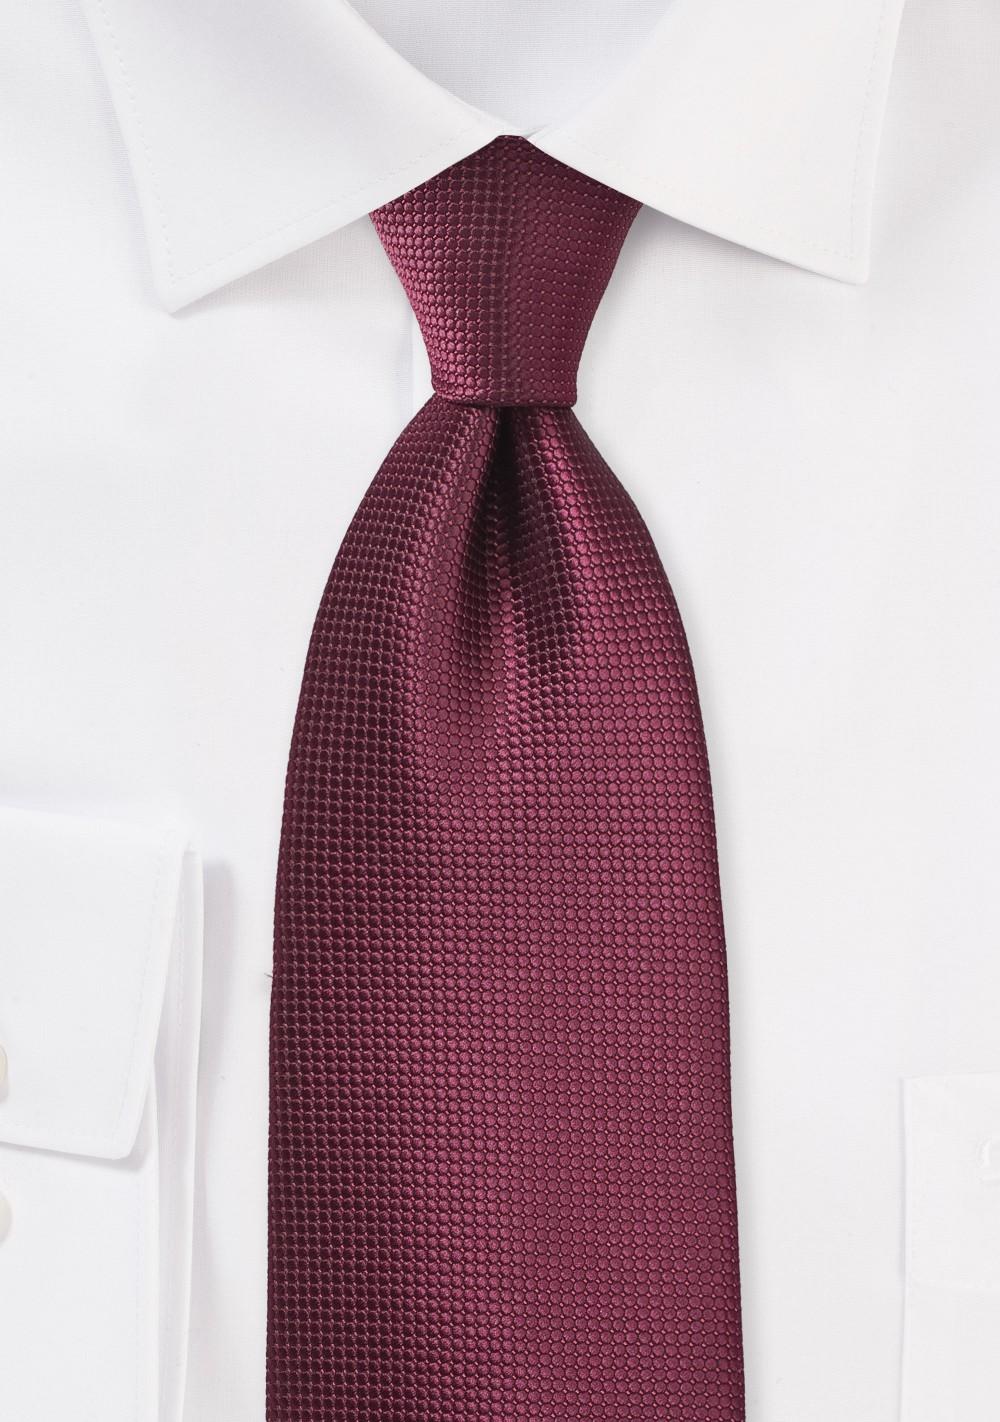 Burgundy Rosewood Color Necktie